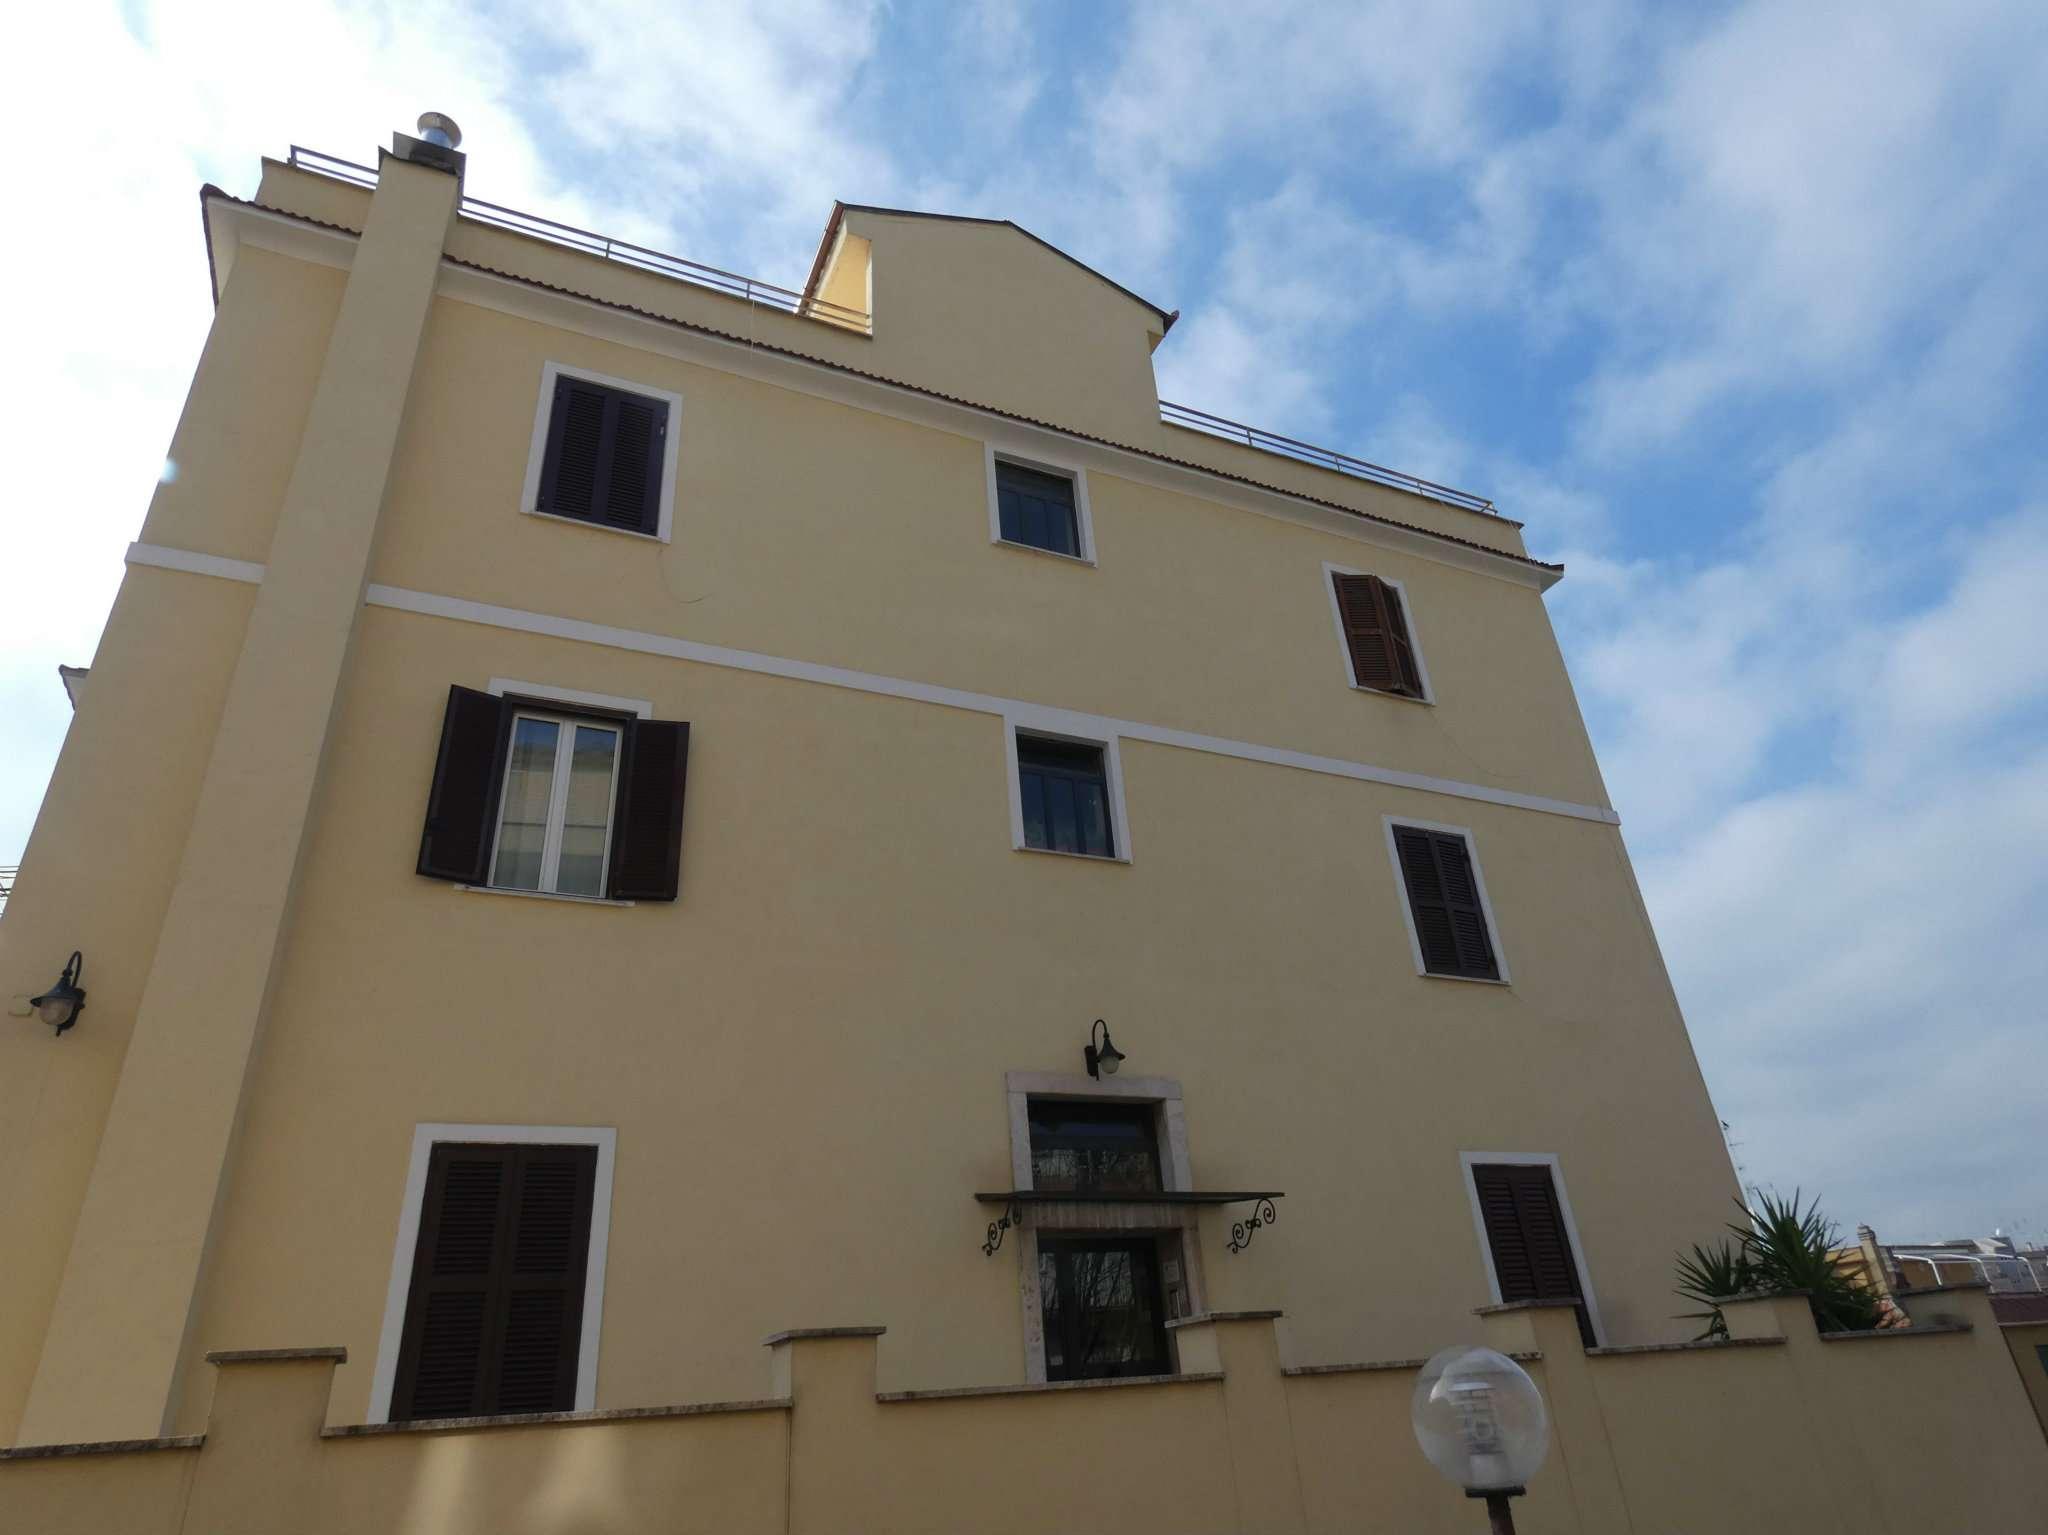 Appartamento in vendita a Roma, 2 locali, zona Zona: 24 . Gianicolense - Colli Portuensi - Monteverde, prezzo € 159.000   CambioCasa.it